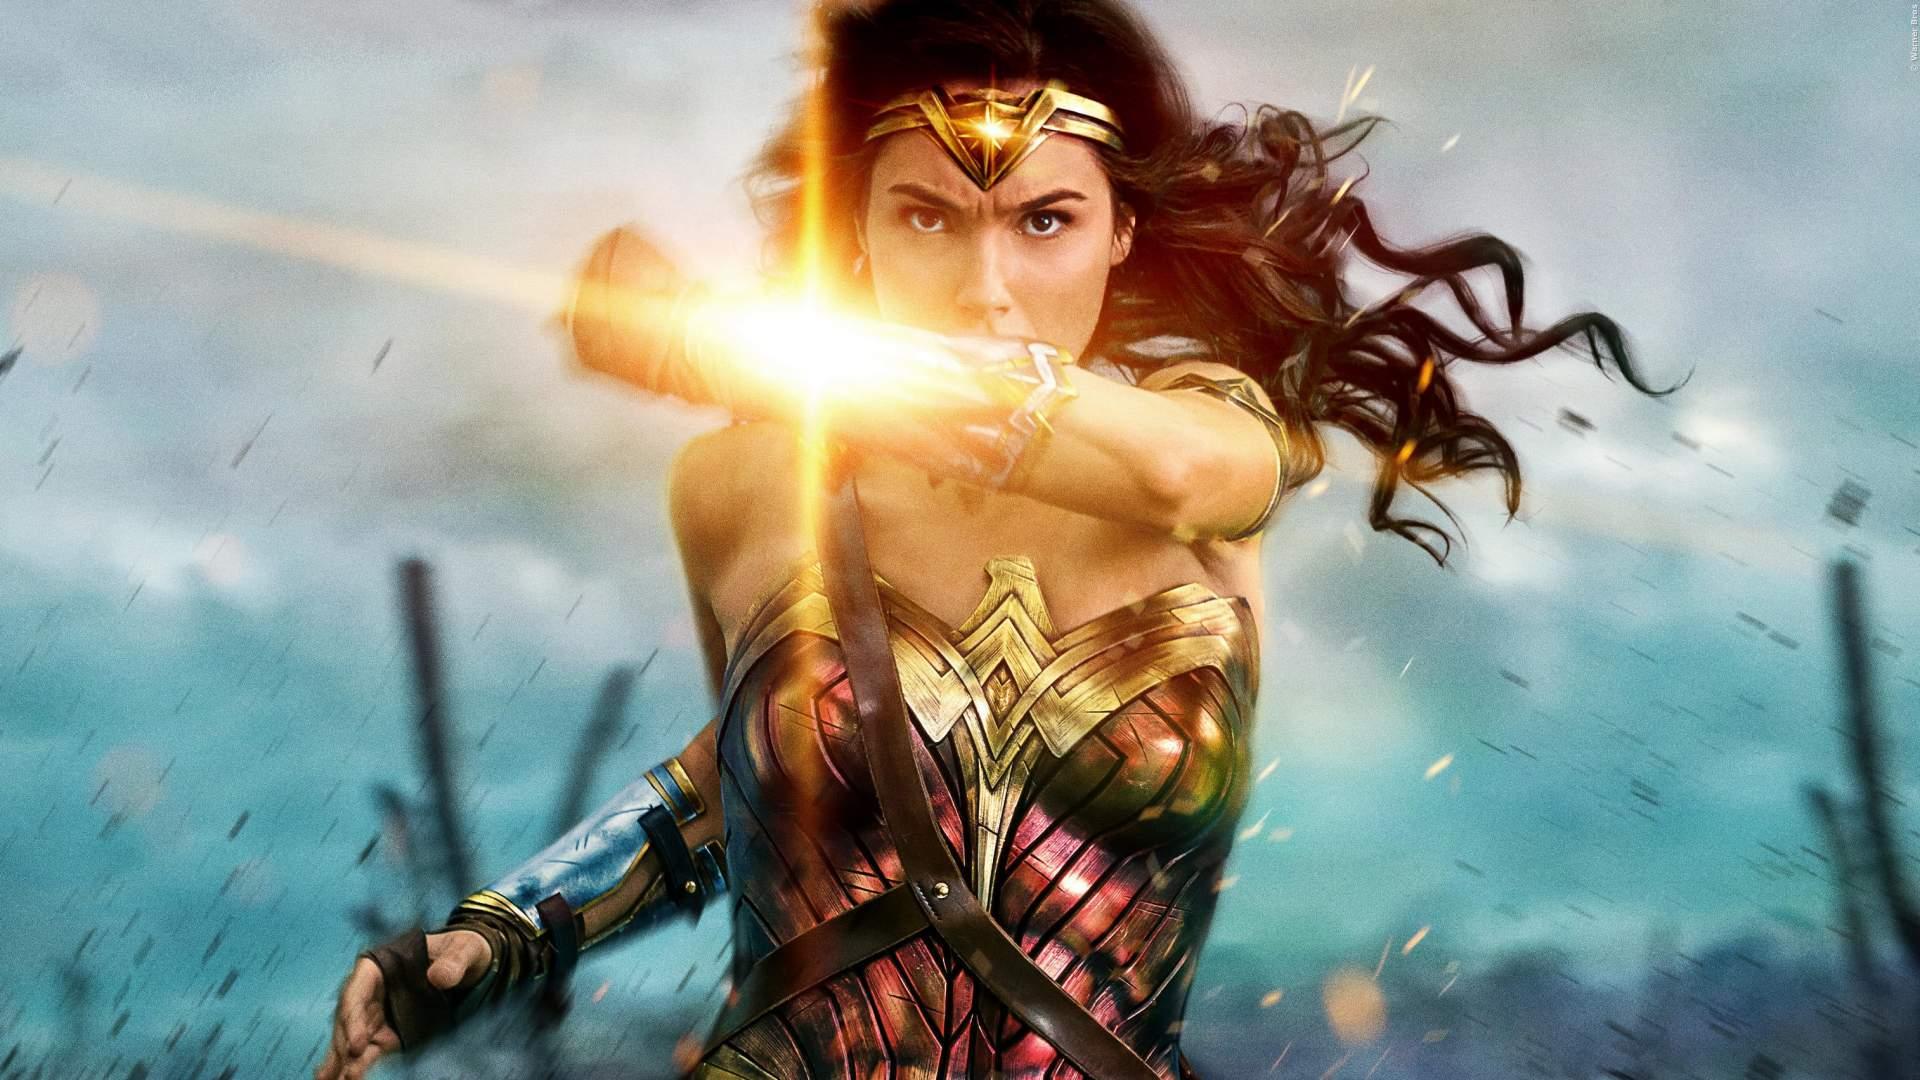 """CORONA: """"Wonder Woman 2"""" verlegt und warum das richtig schlechte News sind"""